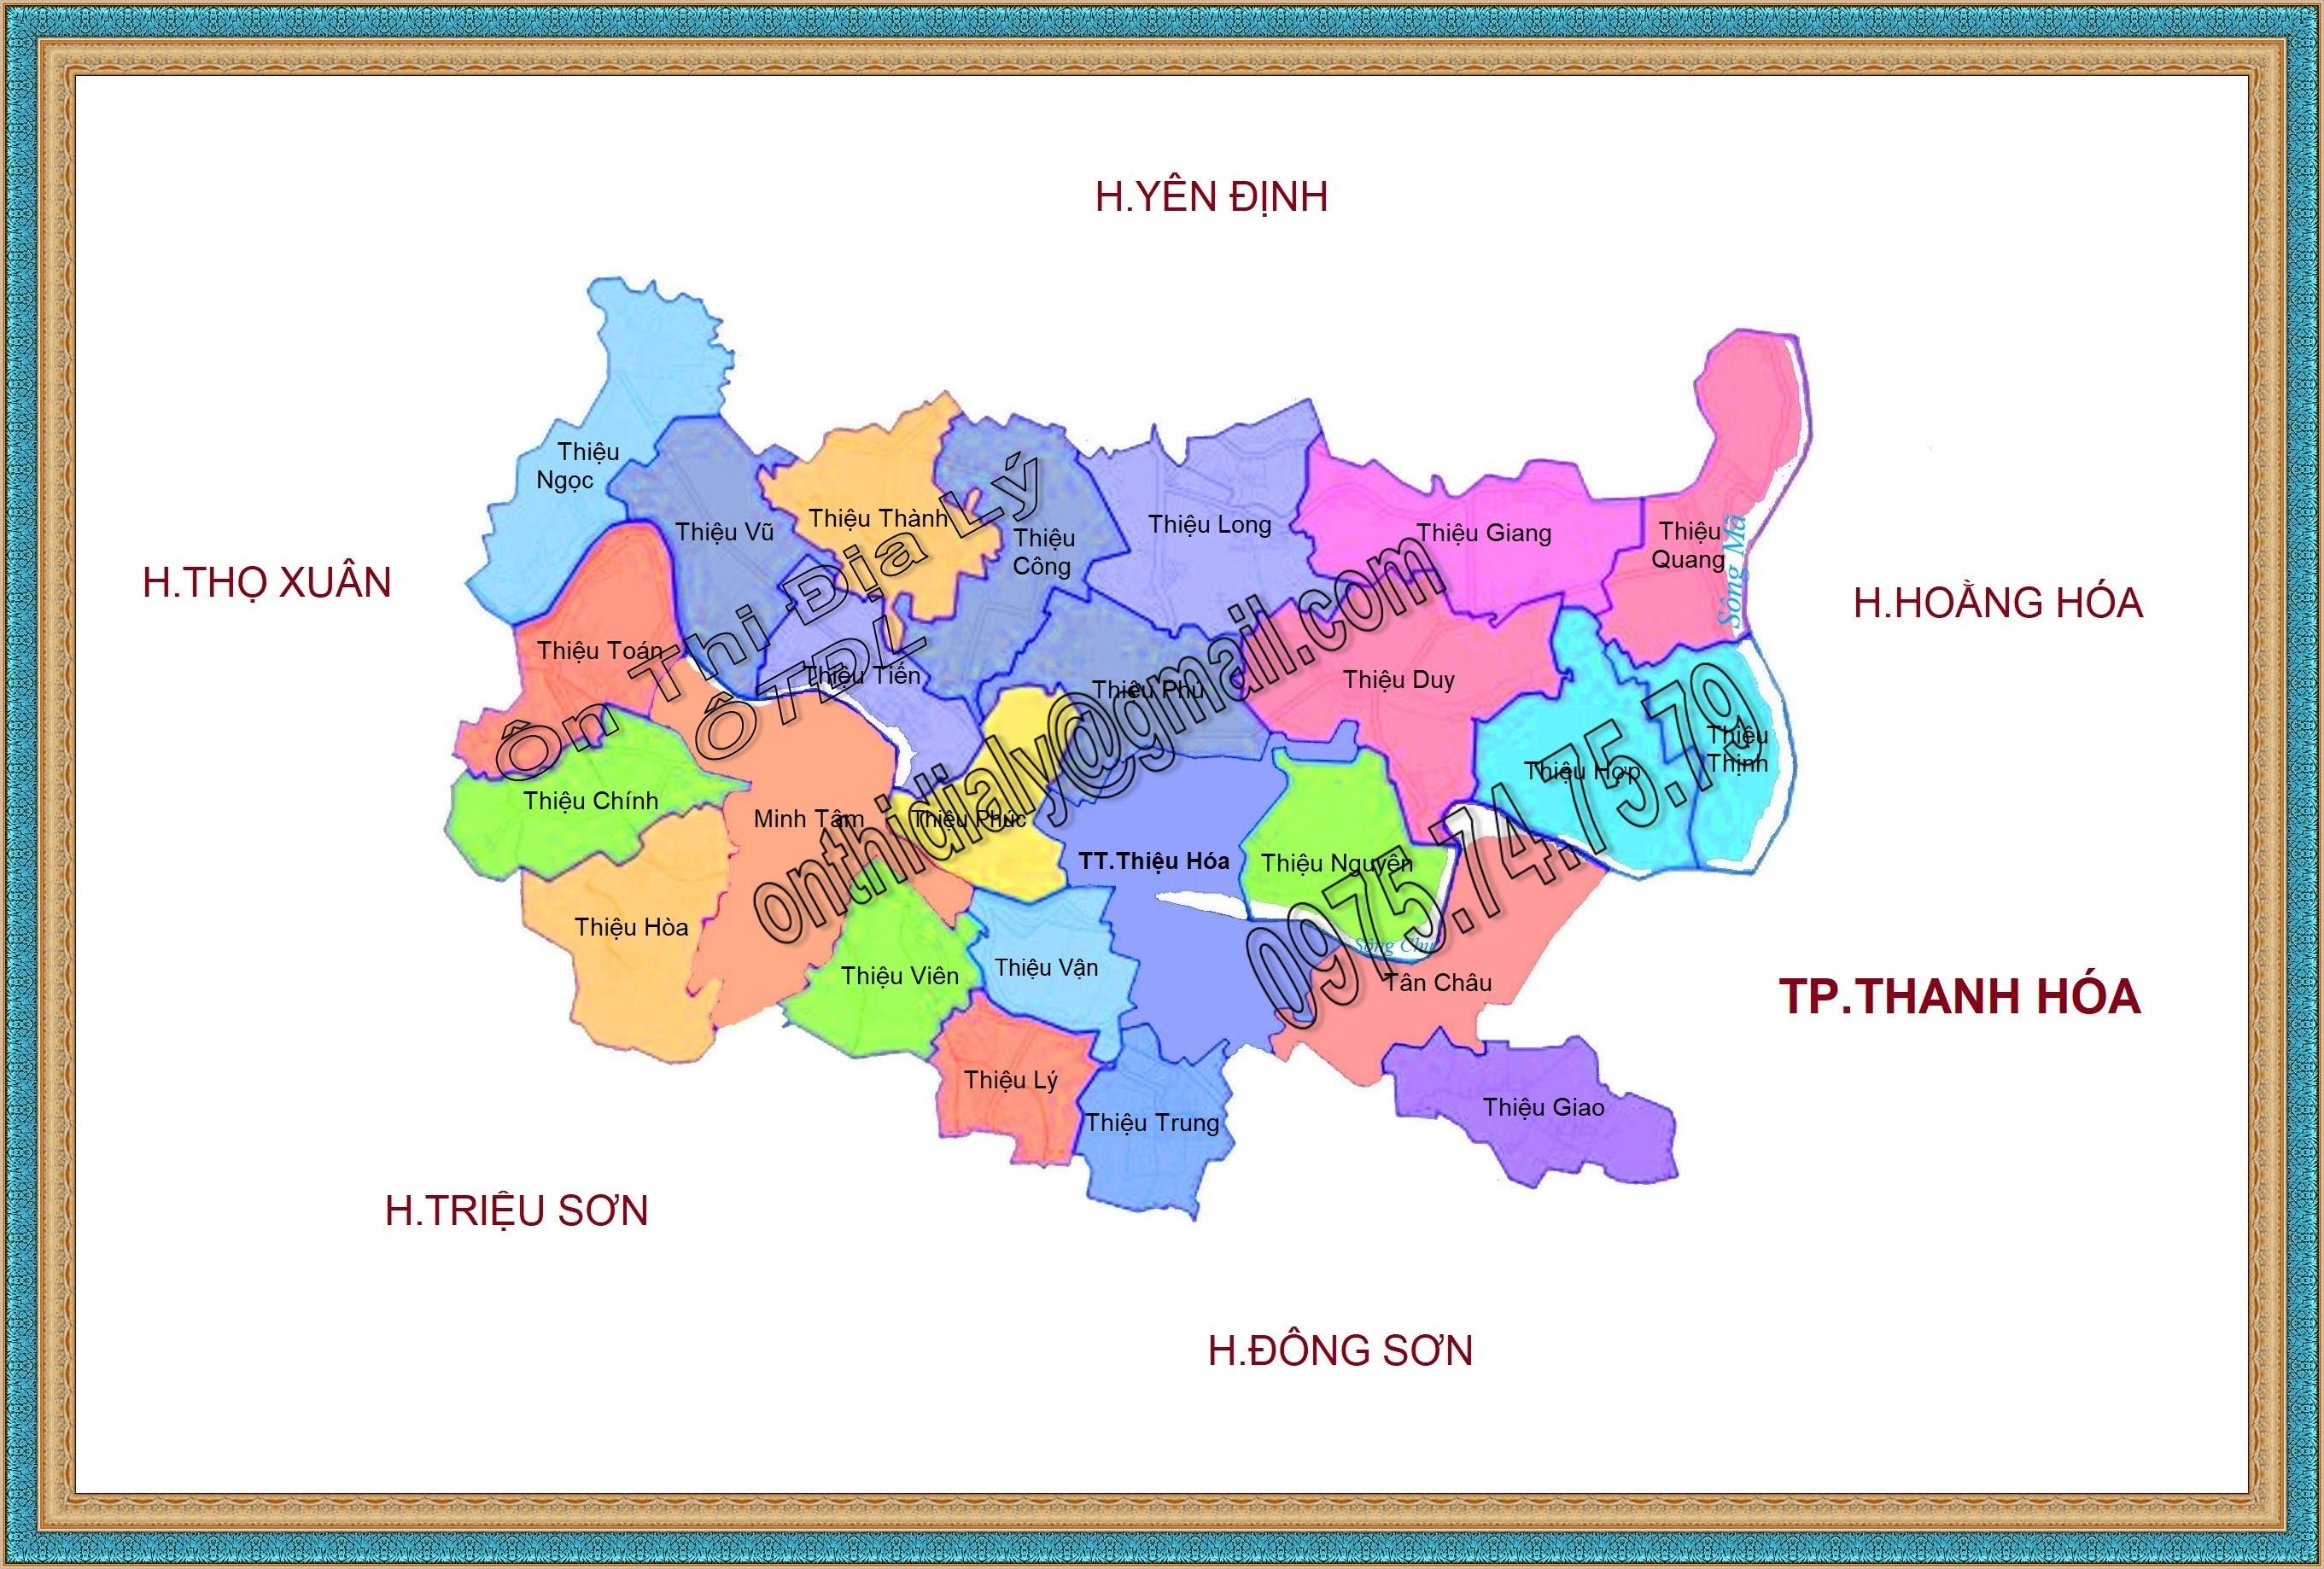 Bản đồ huyện Thiệu Hóa, tỉnh Thanh Hóa